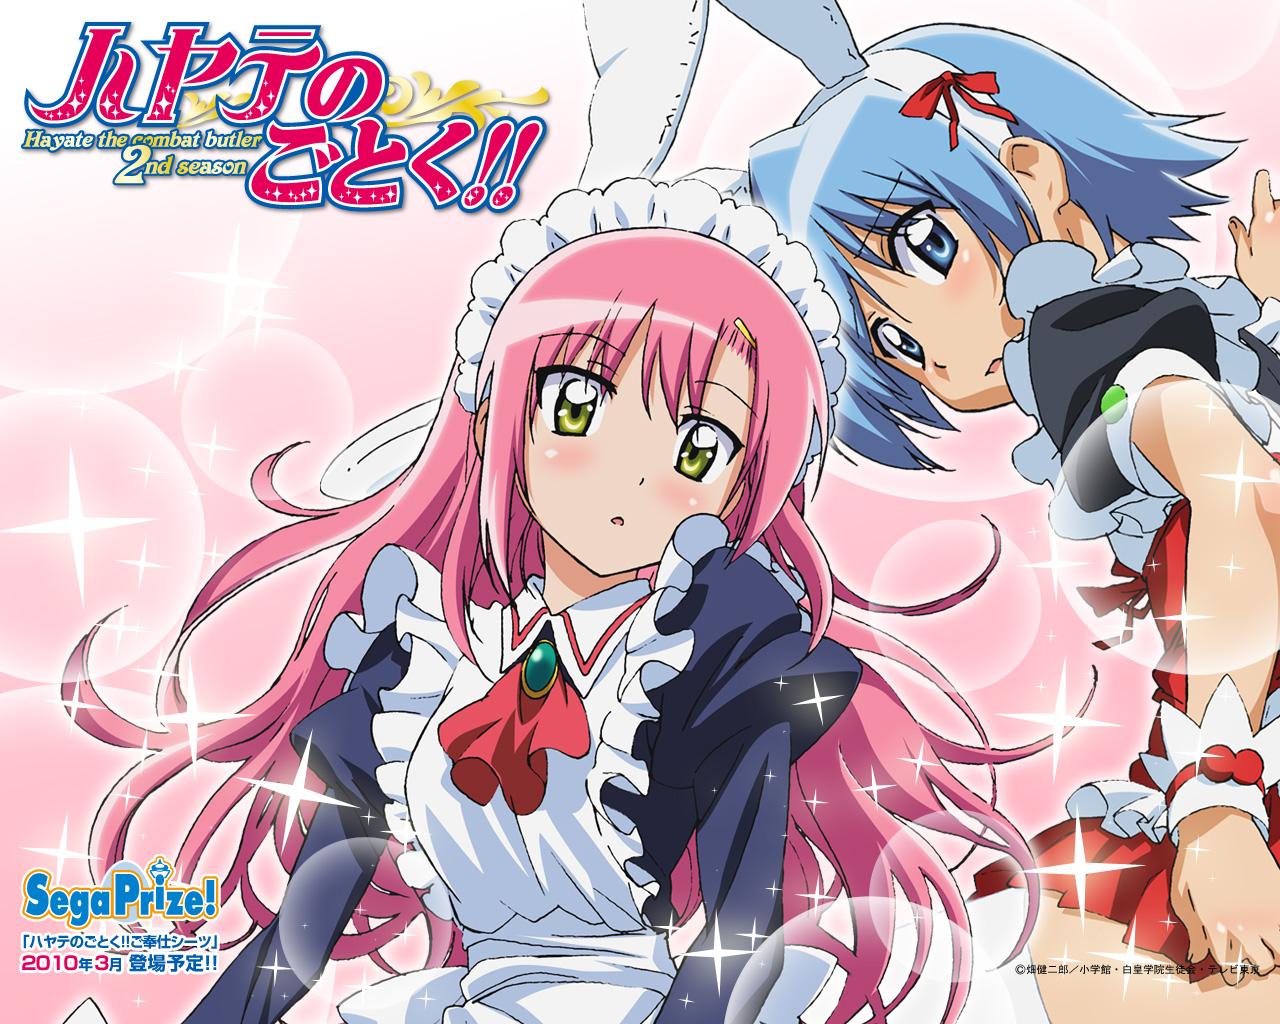 http://image.blog.livedoor.jp/animekurabu/imgs/f/4/f49cd73b.jpg